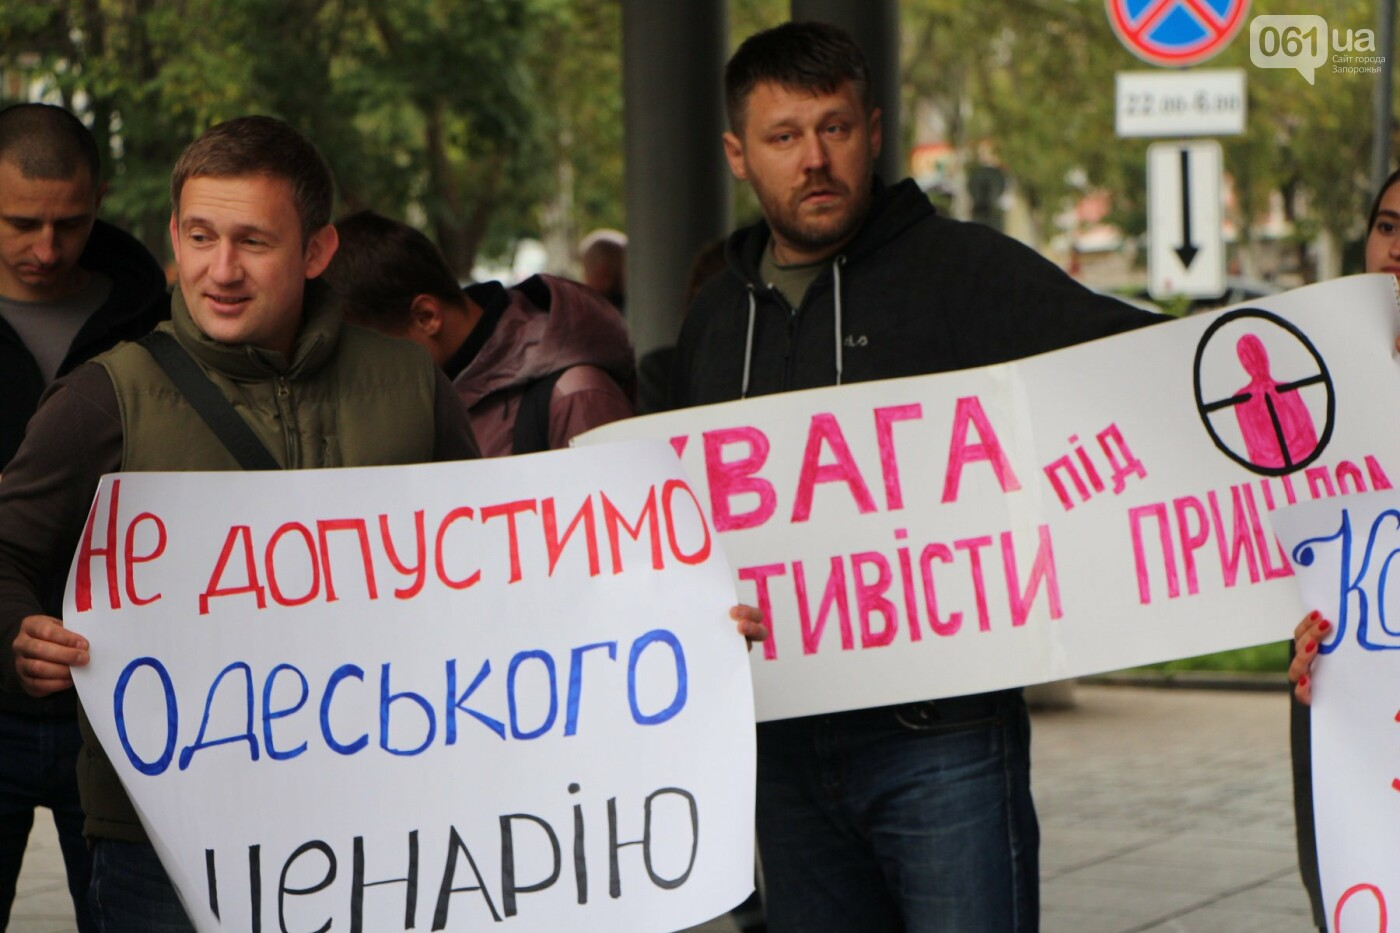 Активисты под прицелом: в Запорожье под зданием Нацполиции митинговали за расследование преступлений, - ФОТОРЕПОРТАЖ, фото-4